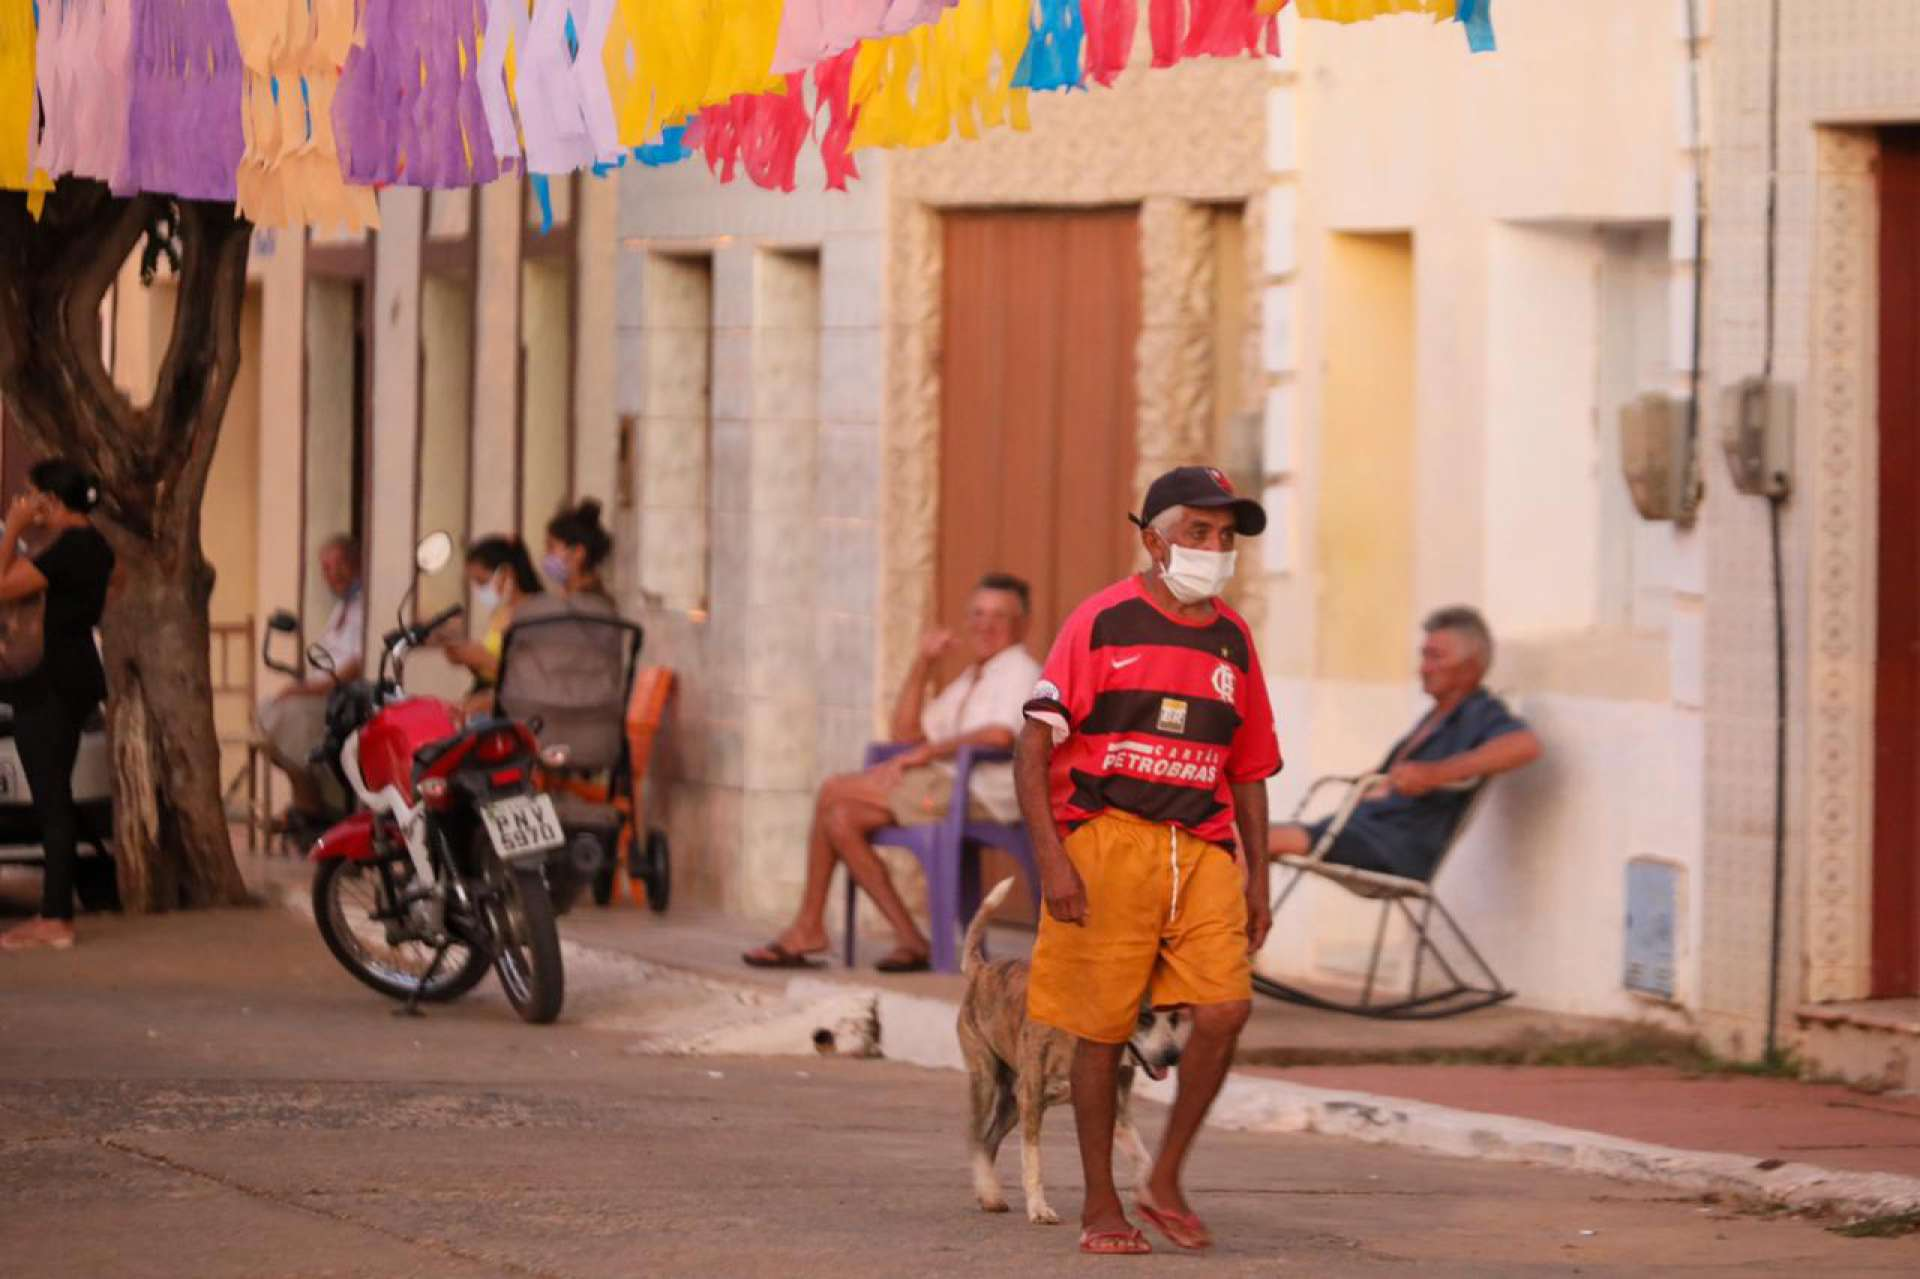 Considerada pacata pelos moradores, Granjeiro registrou um caso de Covid-19 após três meses de isolamento social